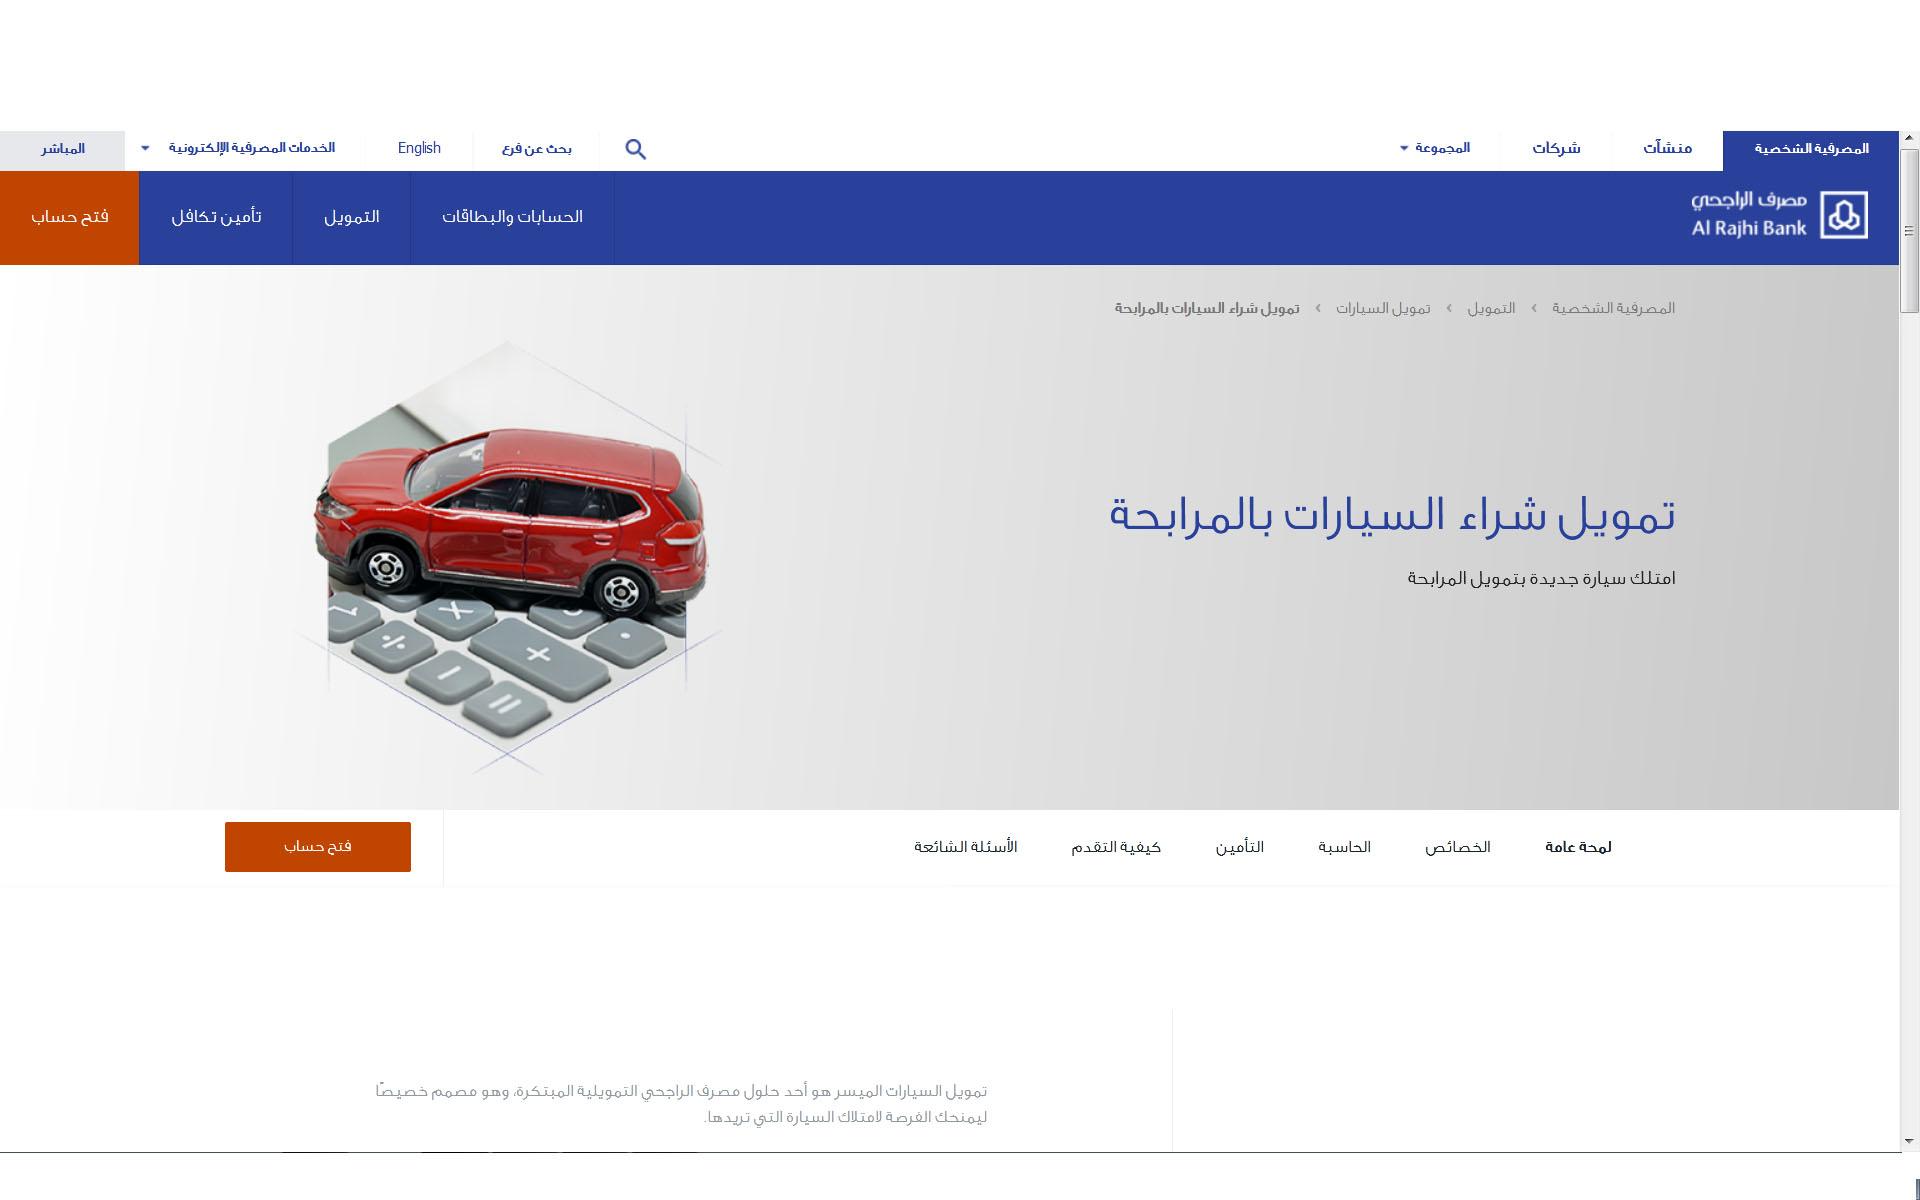 Condiciones de financiación del automóvil del remitente Al-Rajhi